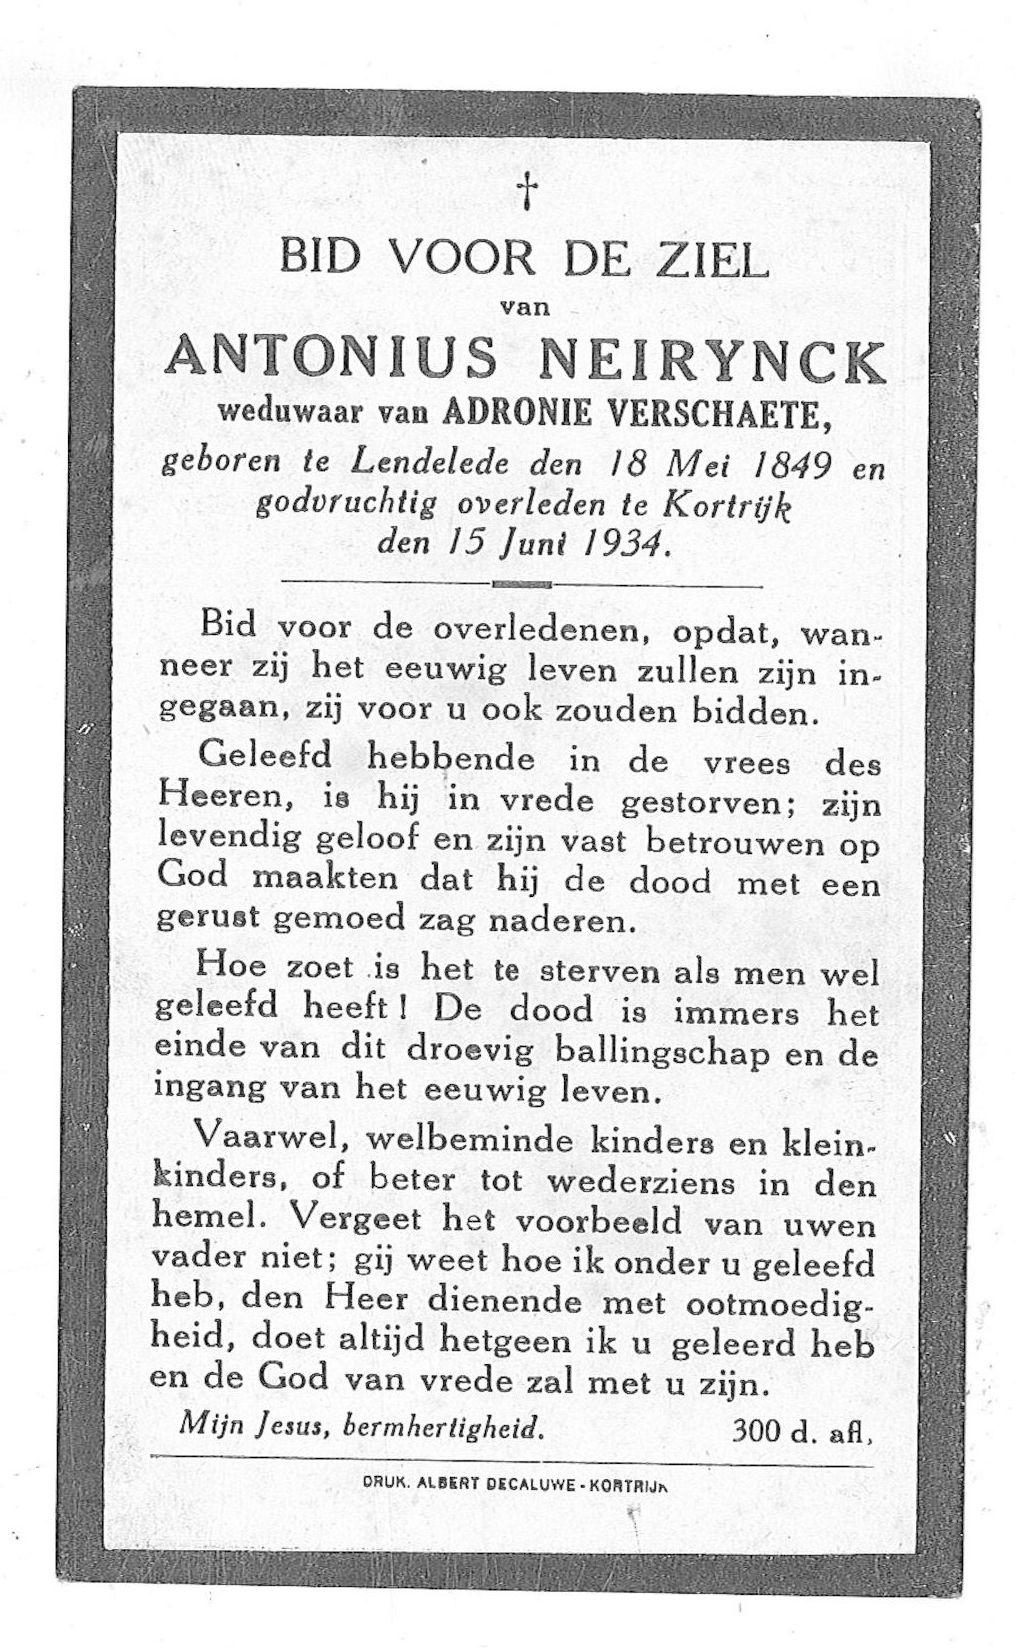 Antonius Neirynck